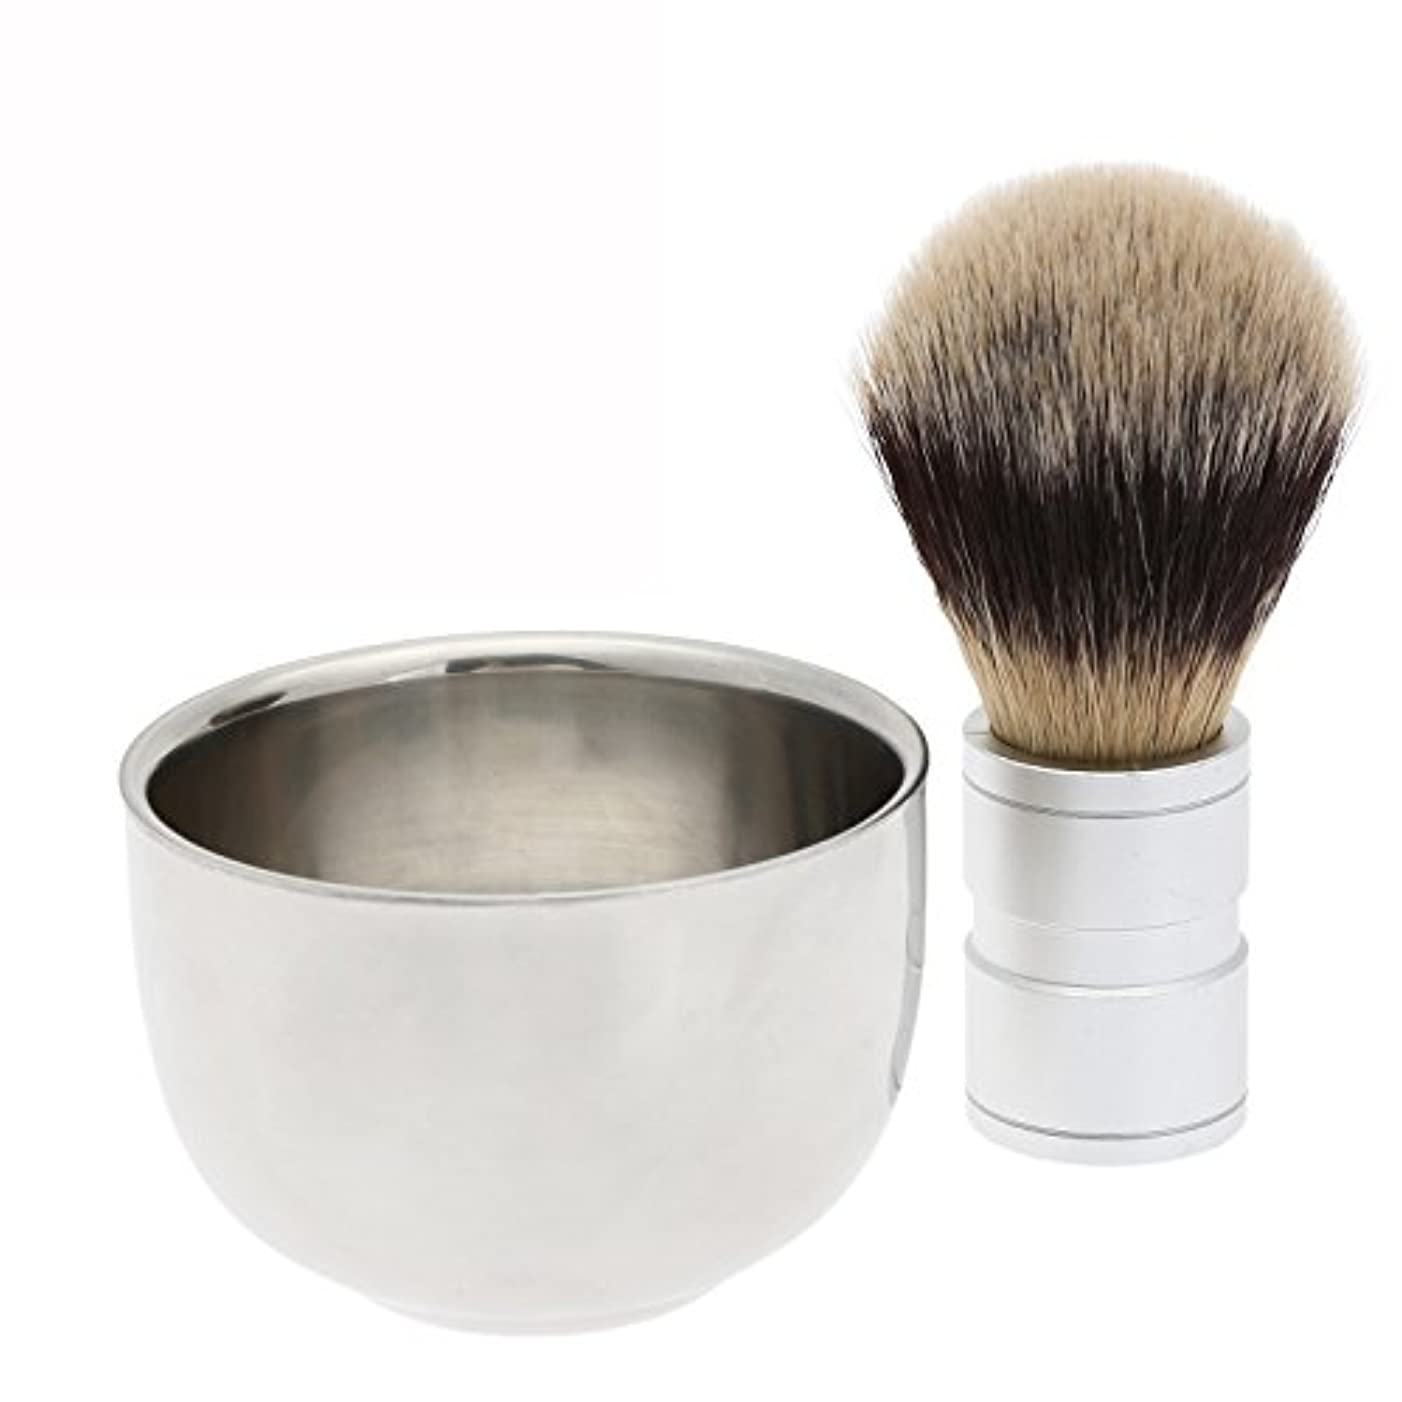 利点穀物熱望する2PC/セット メンズシェービング用 シェービングブラシ +ステンレス鋼のボウルマグカップ ギフト 理容 洗顔 髭剃り